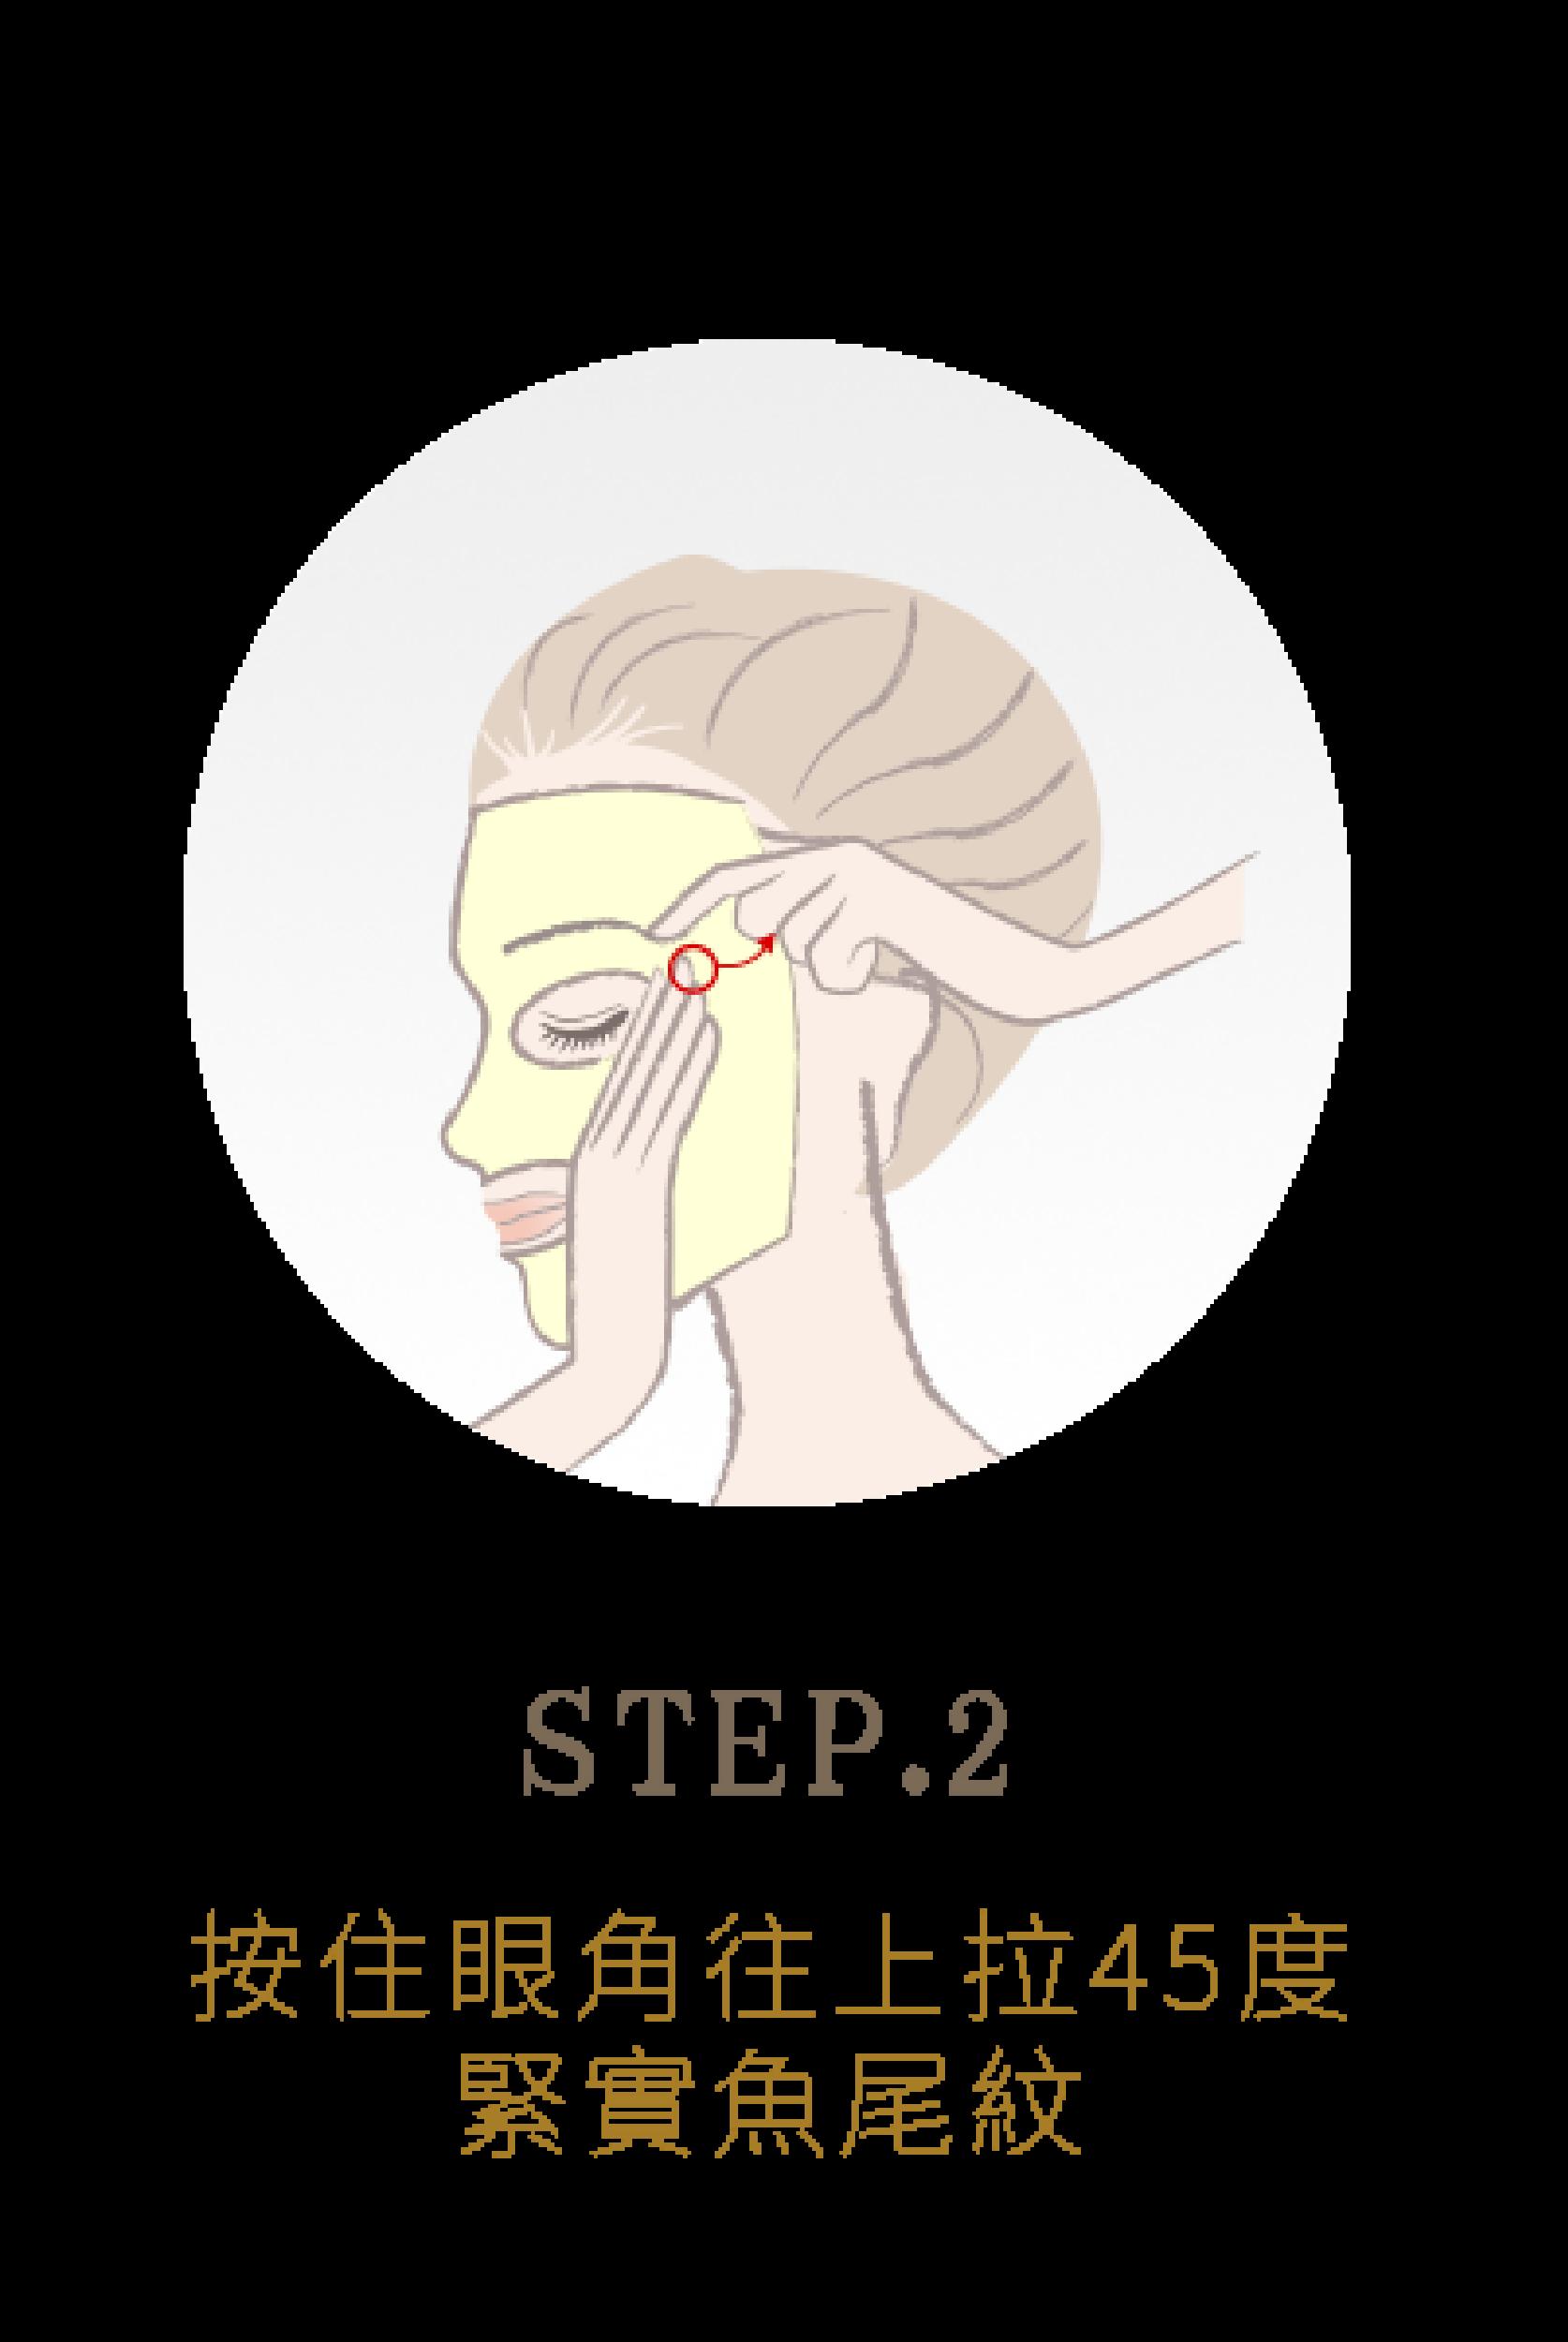 【體驗文】馬甲面膜怎麼動都不會掉 27